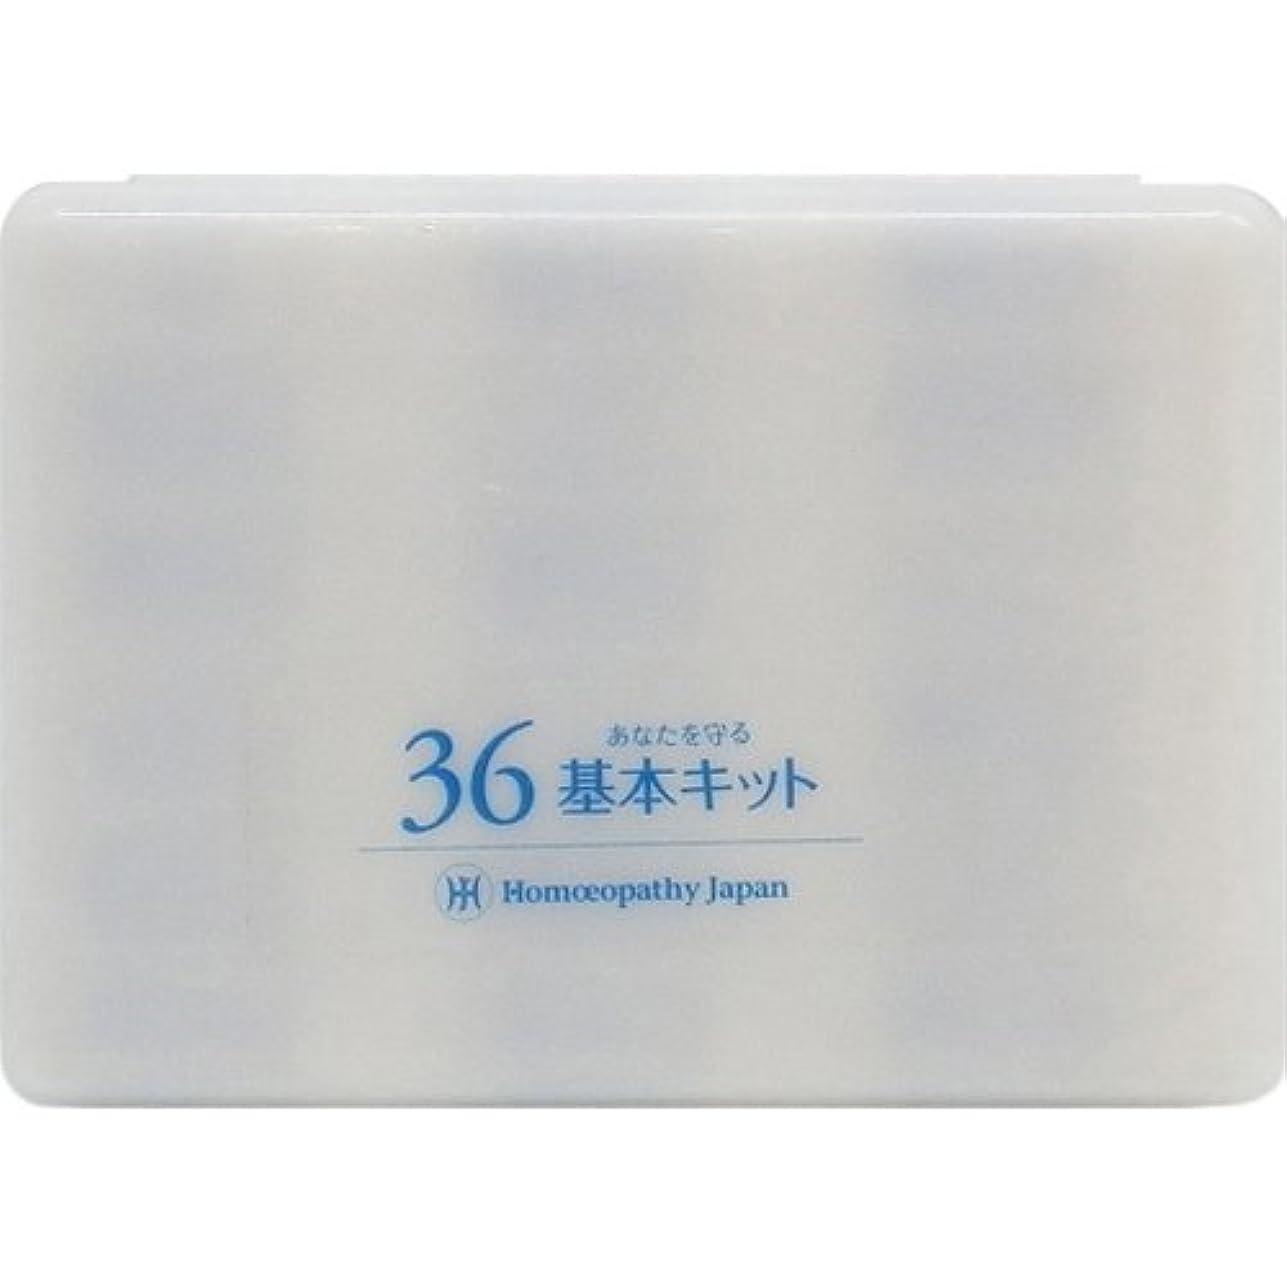 ダウンタウン祭司クレアホメオパシージャパンレメディー 新36基本キット